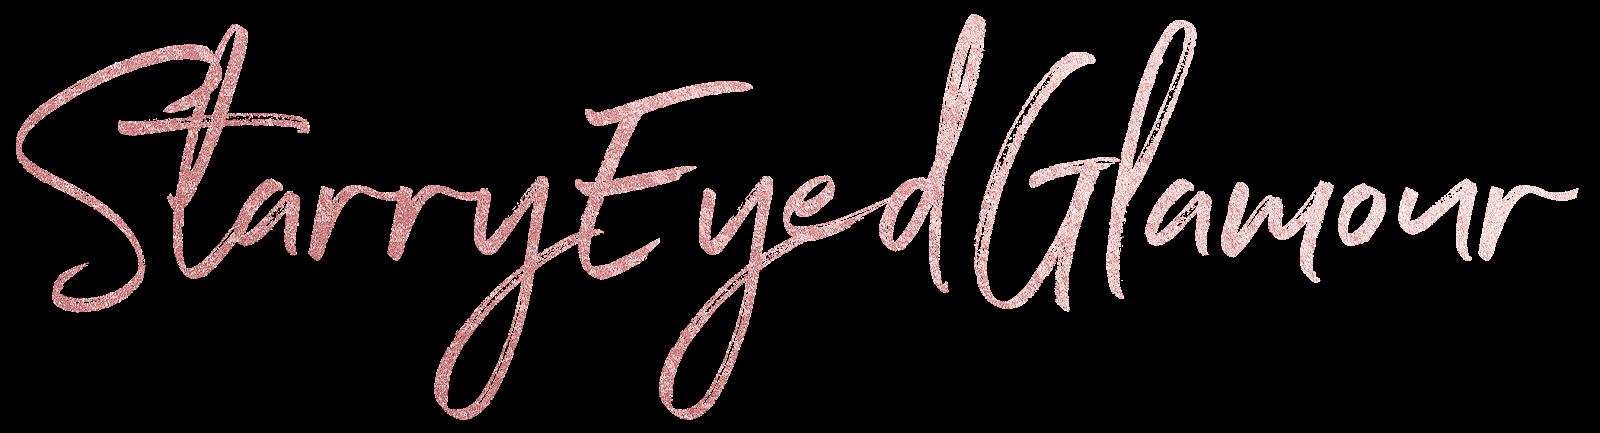 StarryEyedGlamour